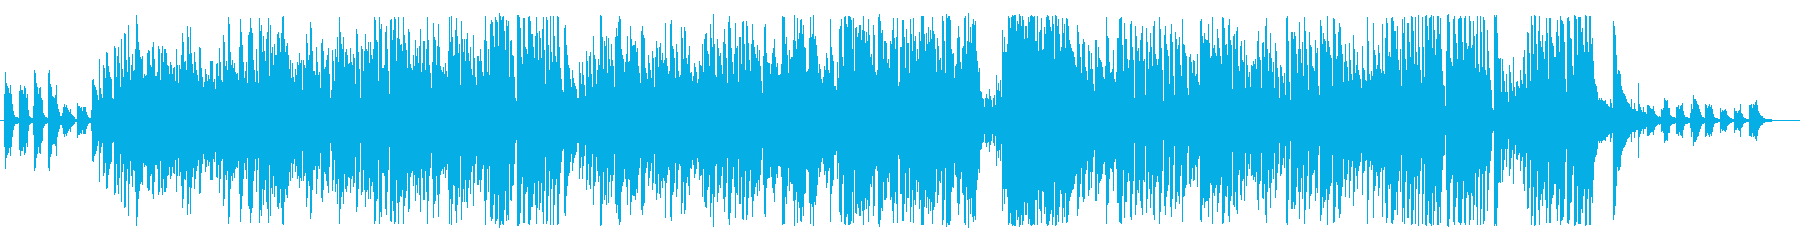 軽快で明るいジャズカルテットの再生済みの波形